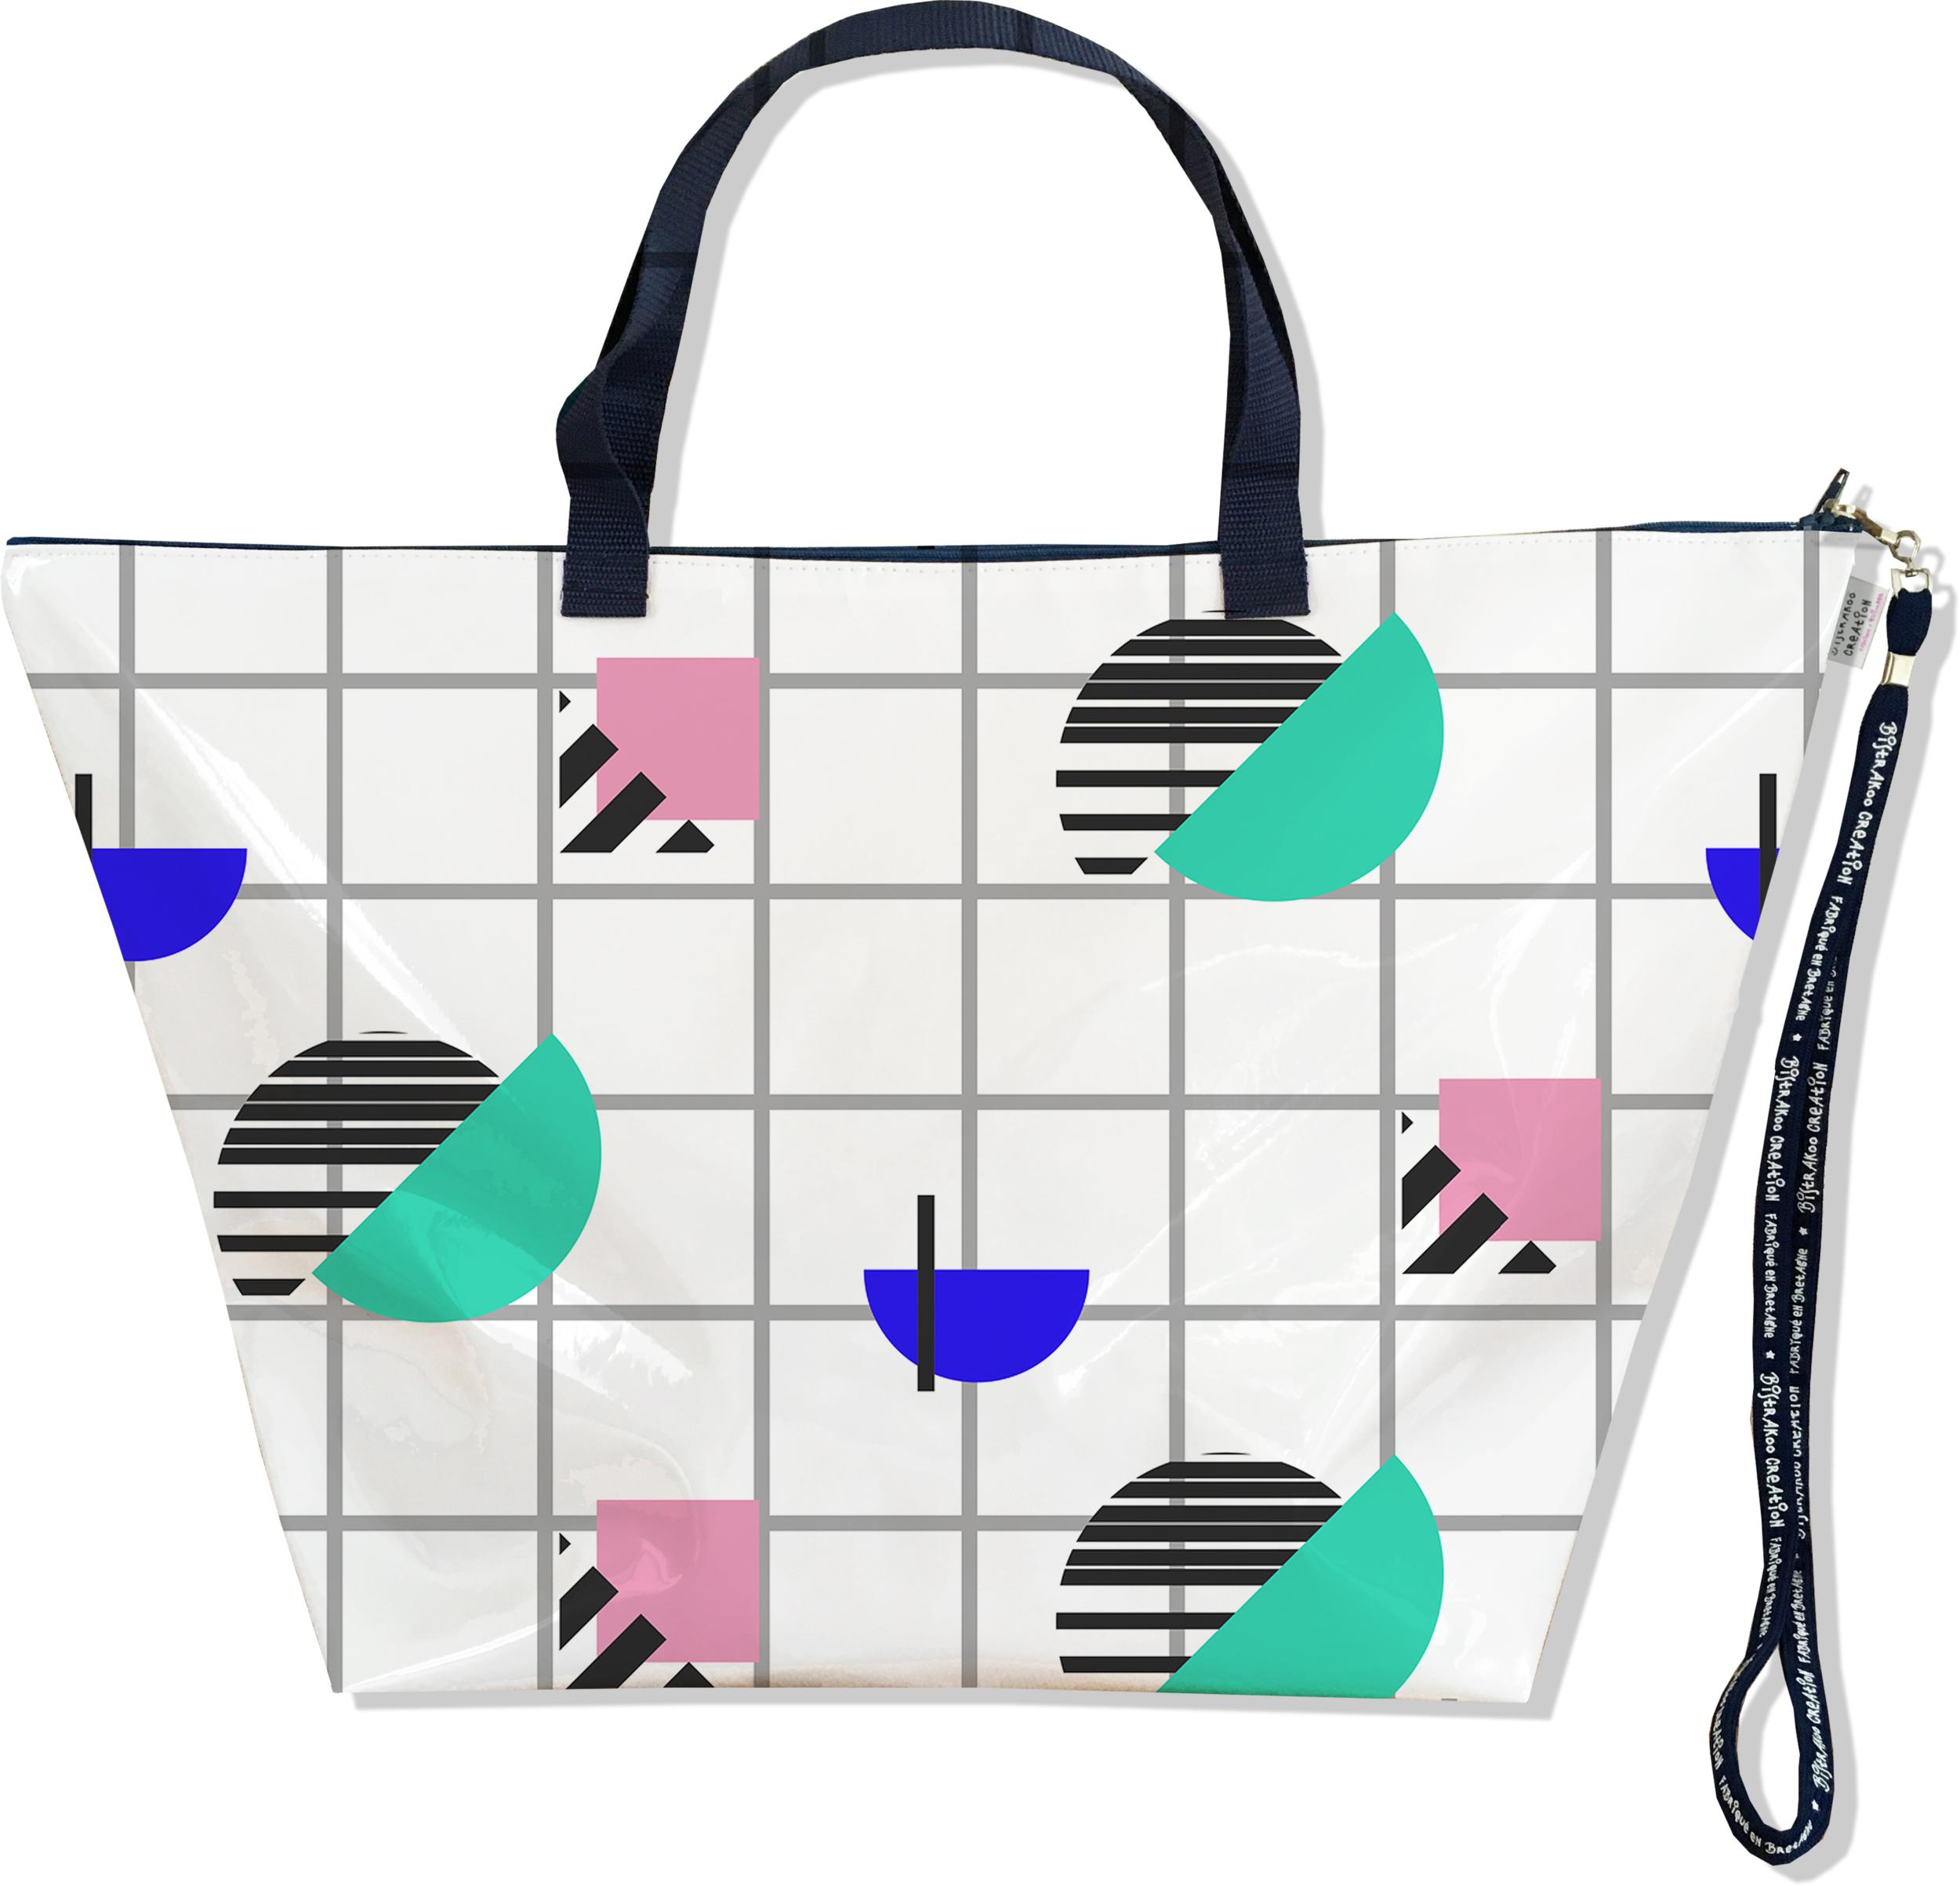 Grand Sac de voyage, sac week end pour femme motif Graphique SW6017-2019